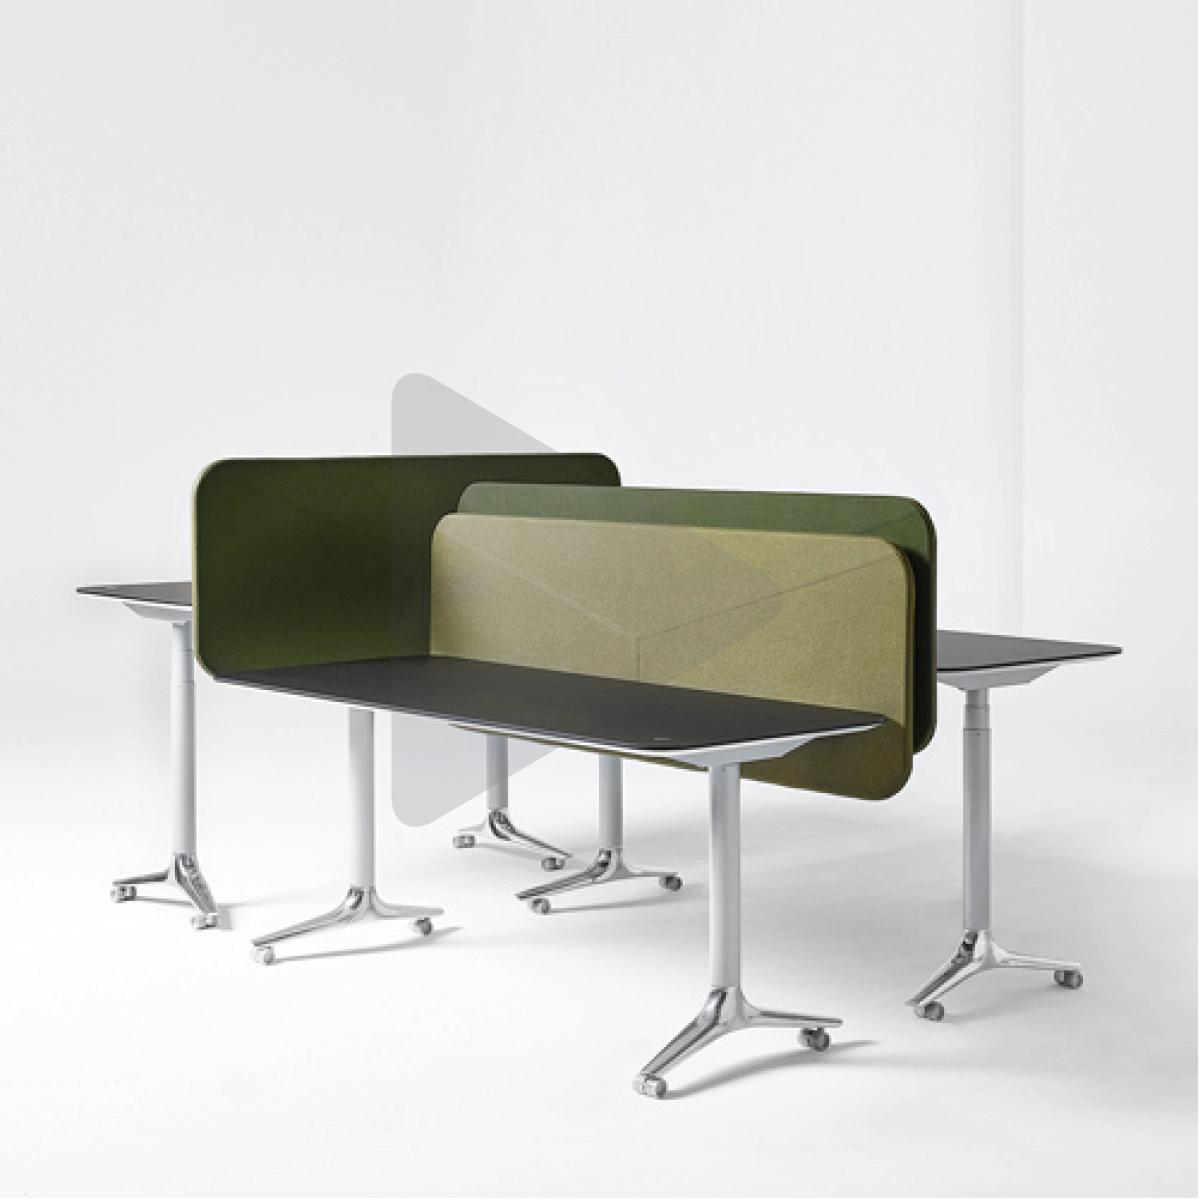 Nienkamper Gateway Height Adjustable Table